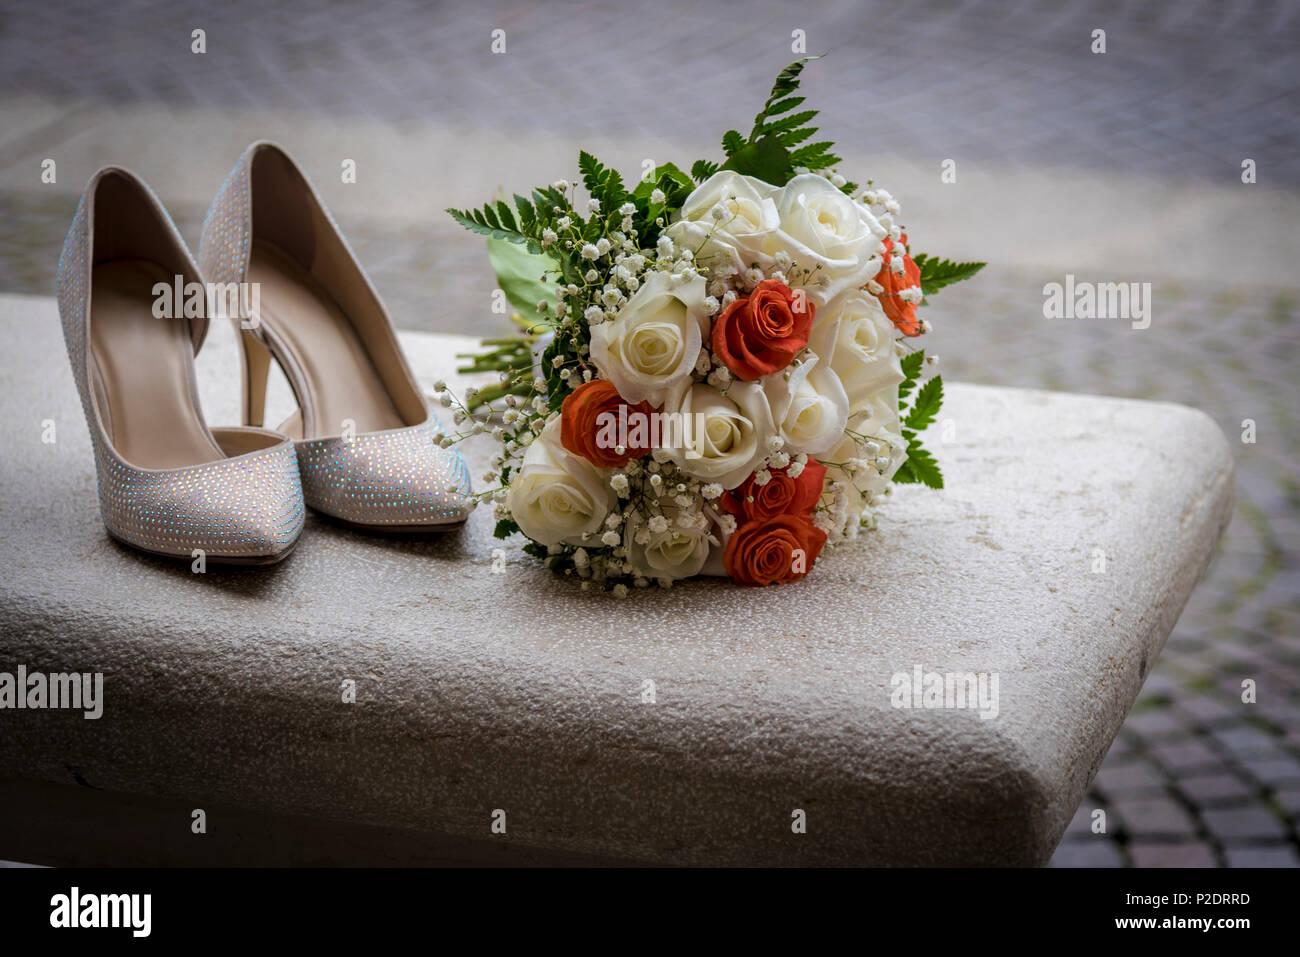 b44c3c1730c15 Hochzeit Zubehör für den Morgen der Braut in Weiß. Wedding Bouquet und  Schuhe. Stockbild